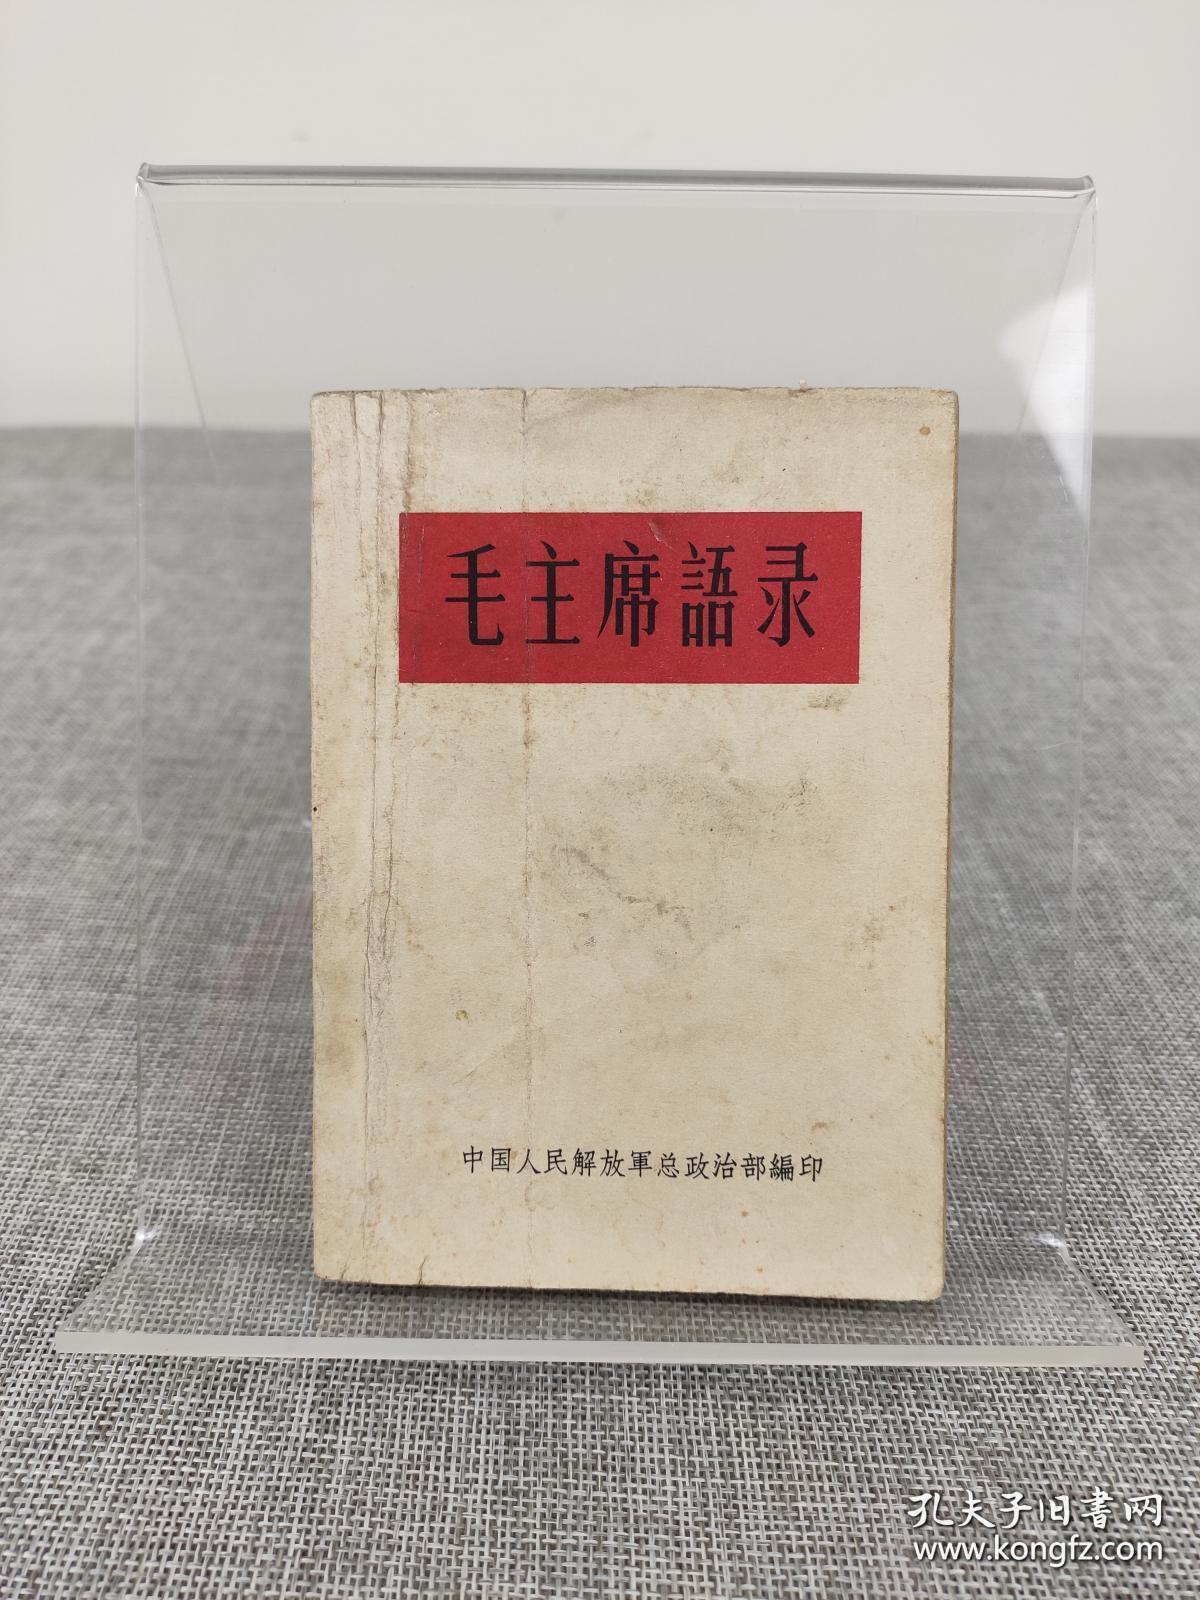 稀见1964年简装本《毛主席语录》中国人民解放军总政治部编印,专发部队每班一本